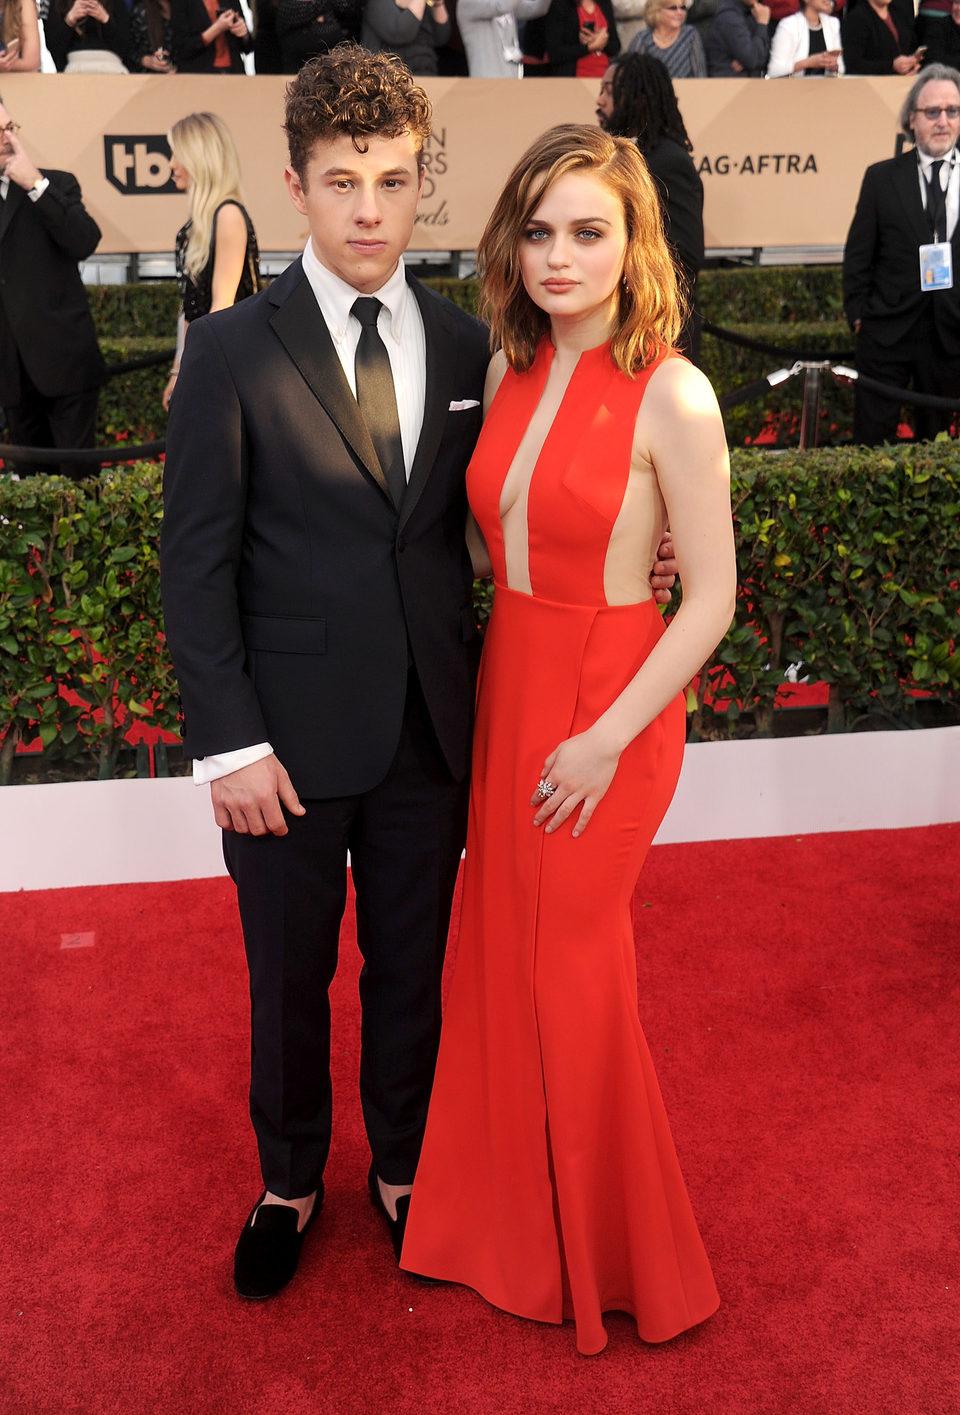 Nolan Gould and Joey King at the SAG Awards 2016 red carpet